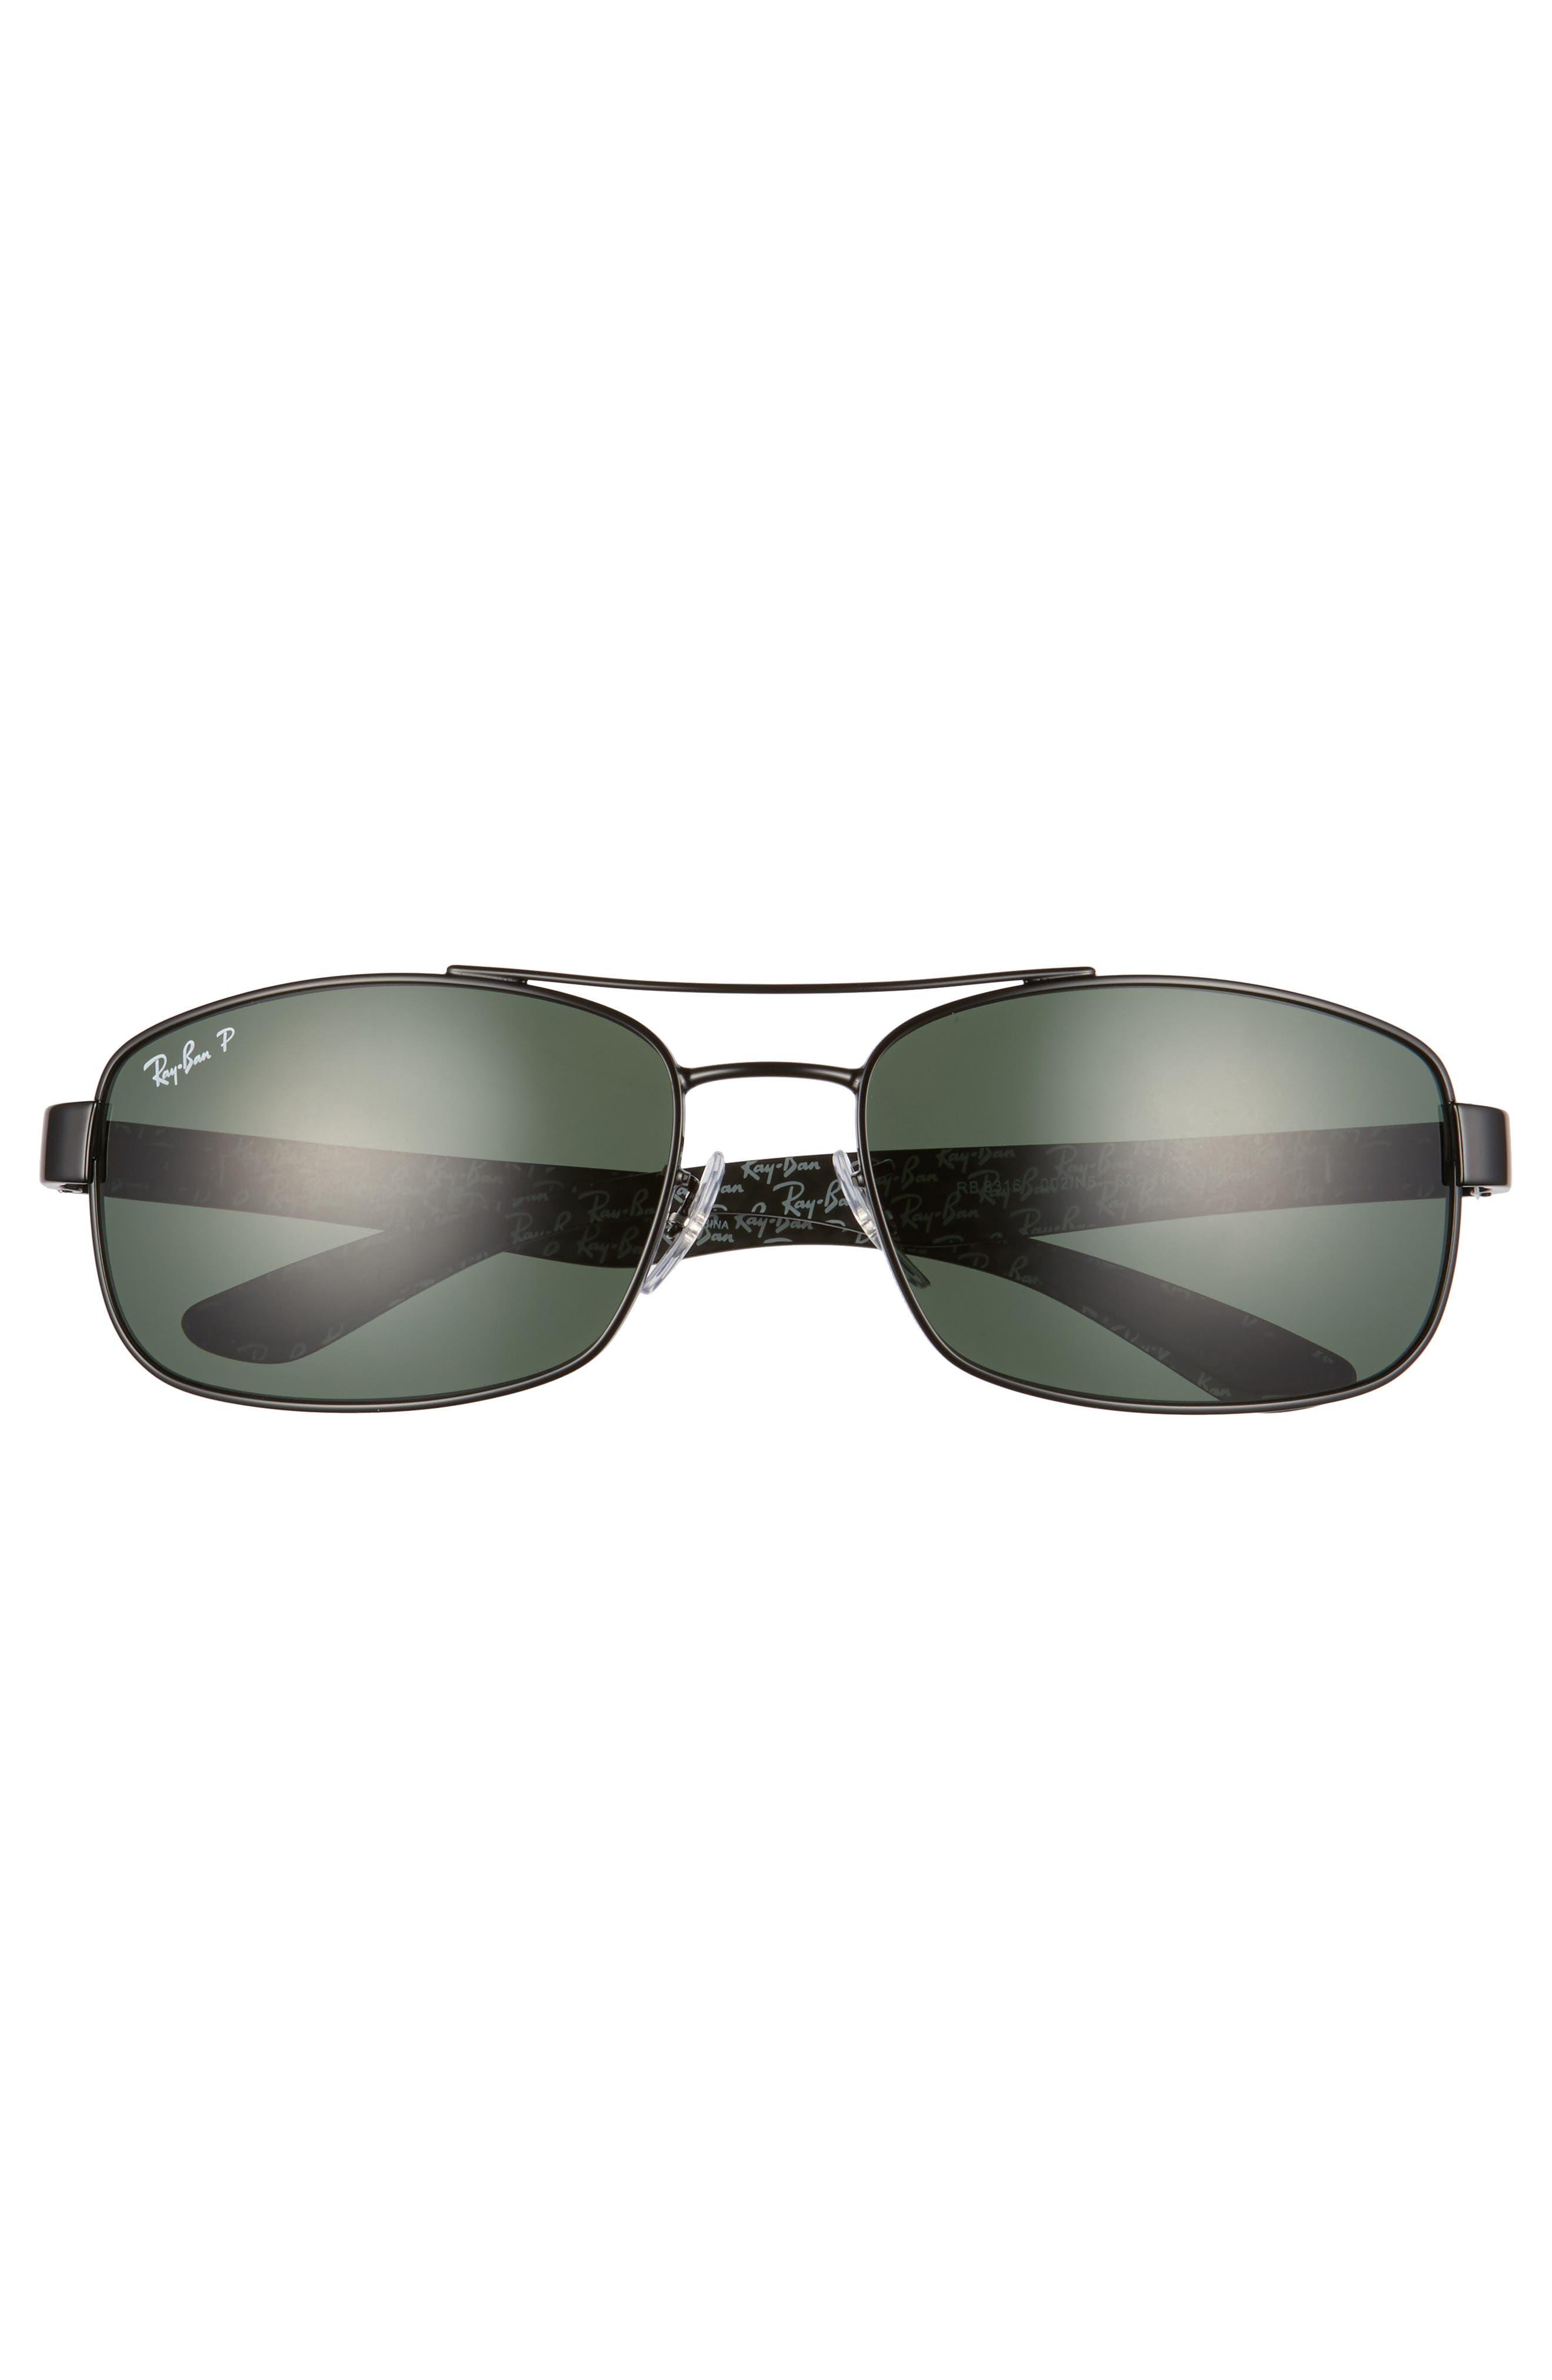 62mm Polarized Sunglasses,                             Alternate thumbnail 2, color,                             BLACK/ GREEN P